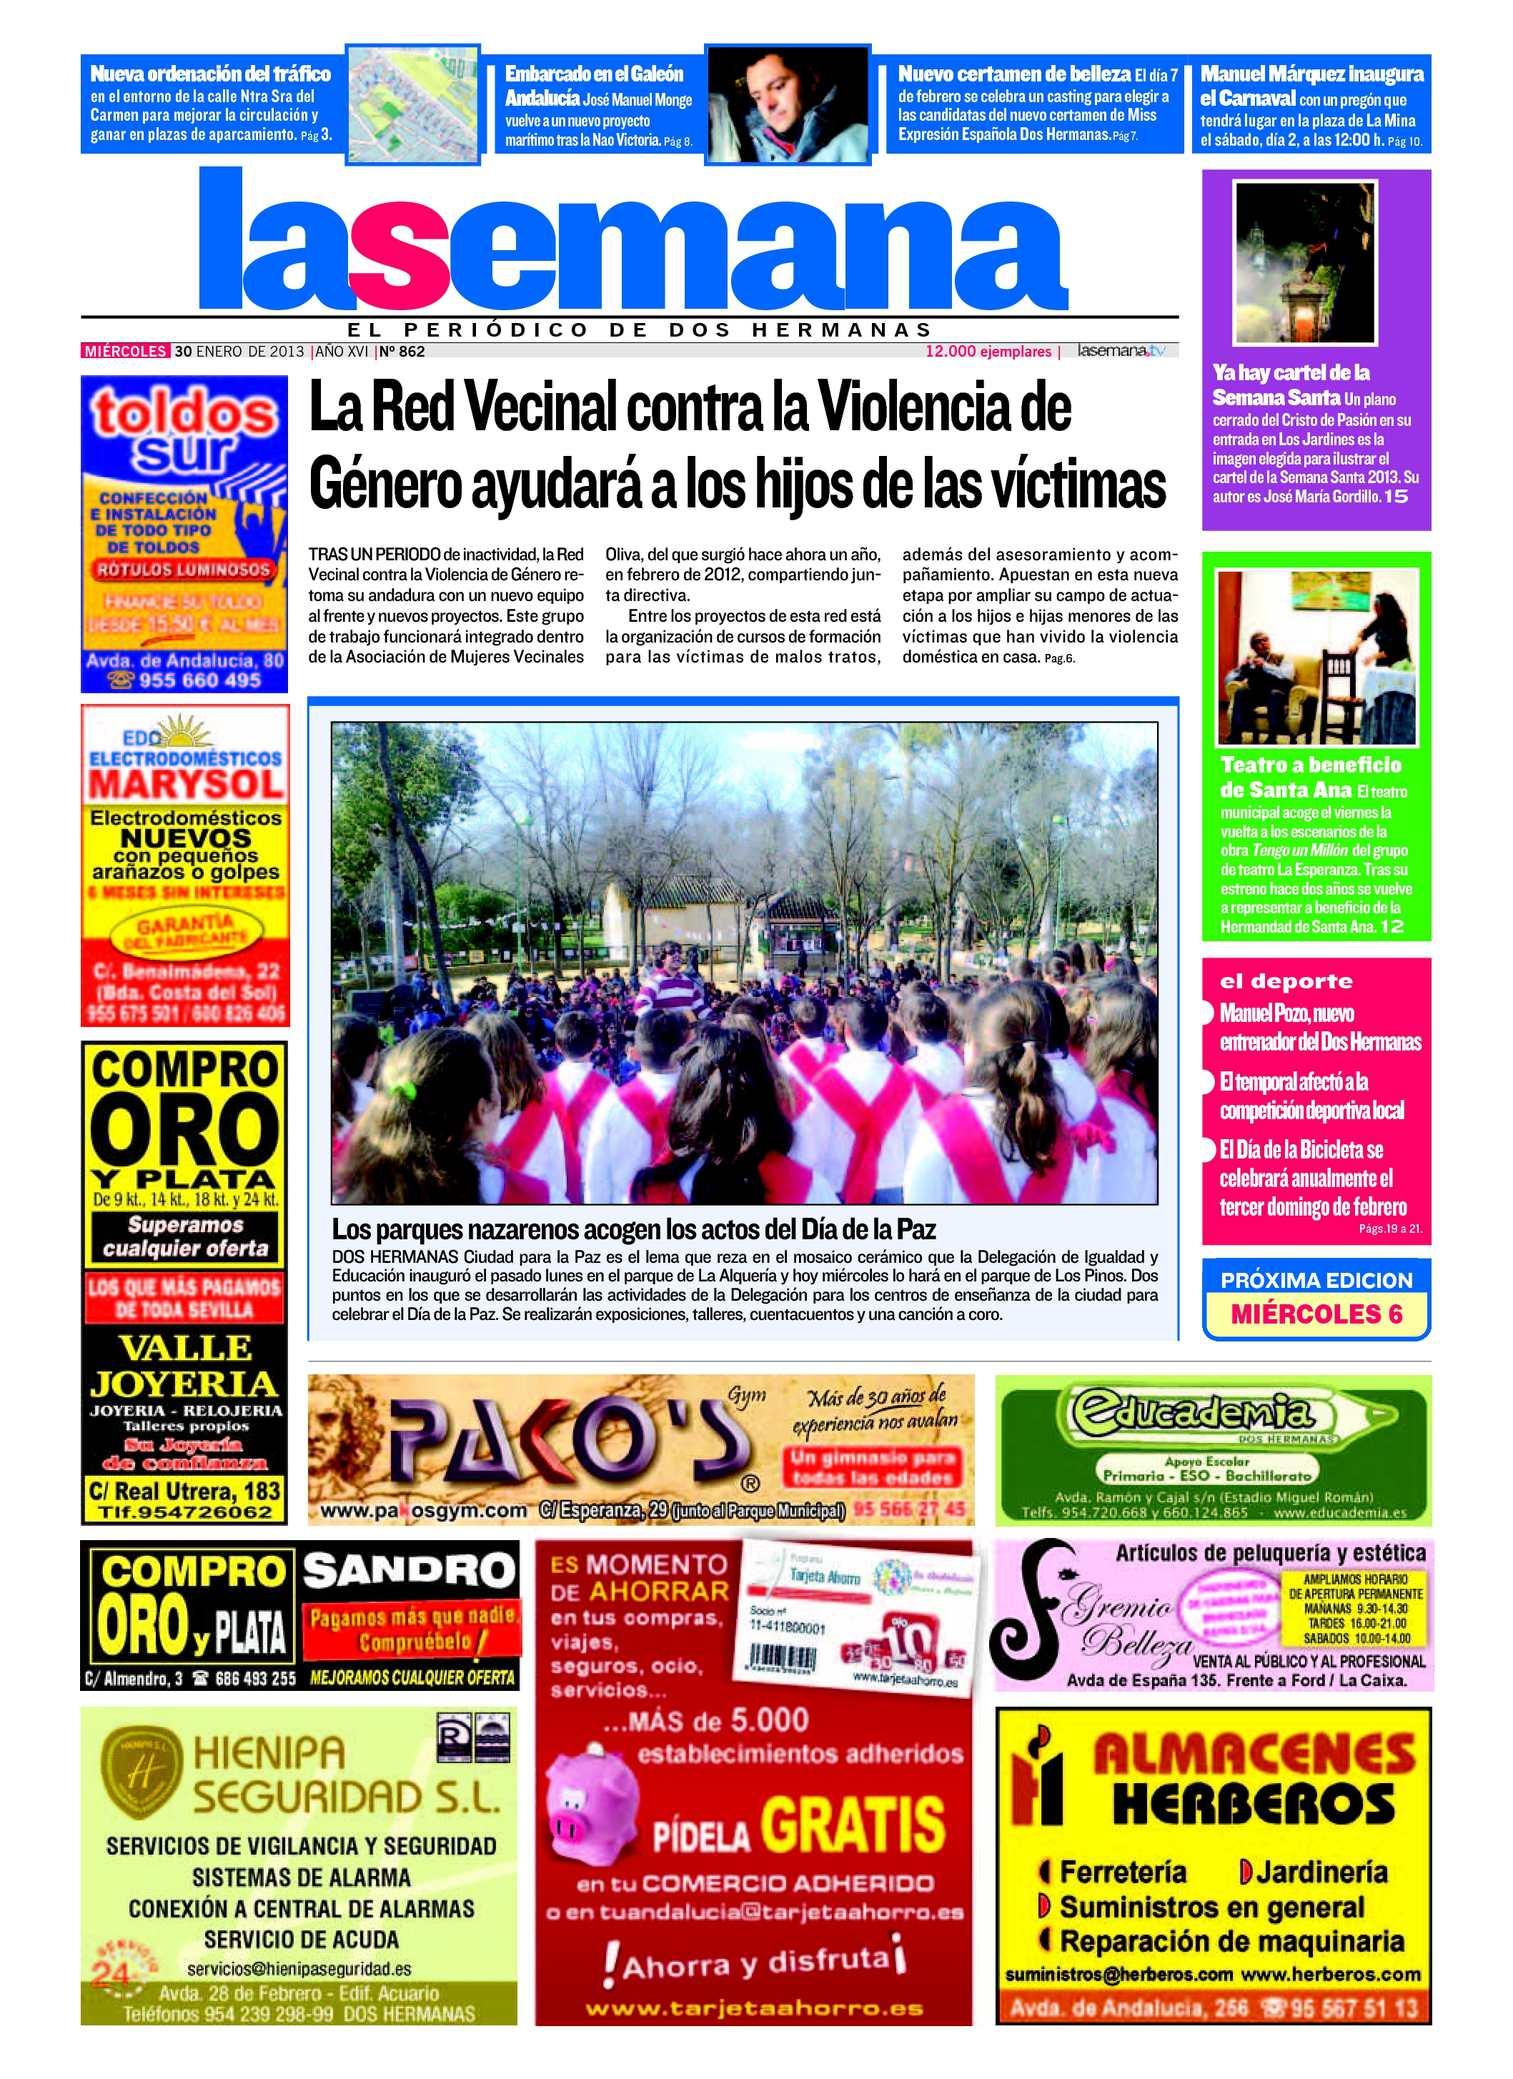 Calaméo - Periódico La Semana de Dos Hermanas Nº 862